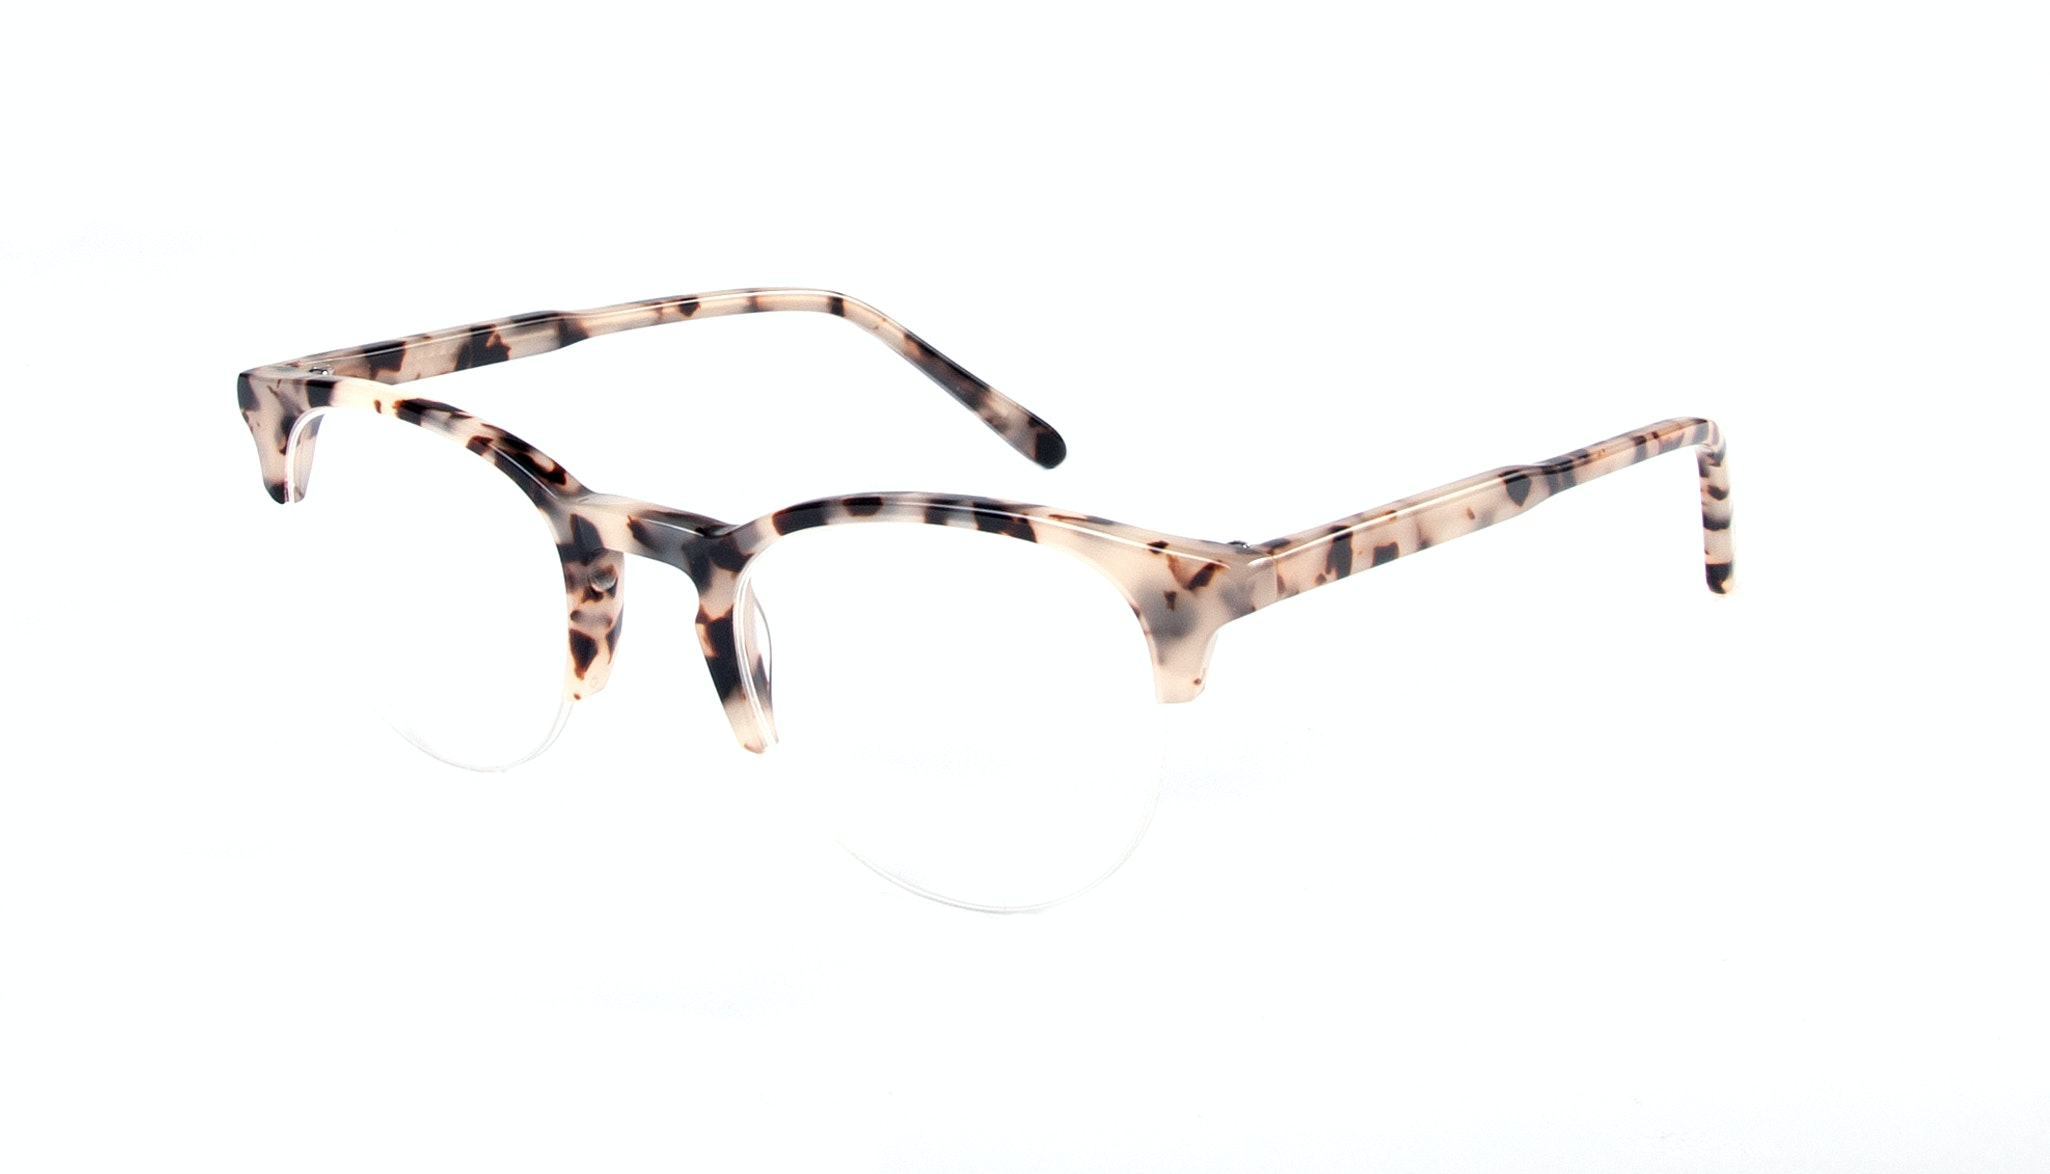 Affordable Fashion Glasses Round Semi-Rimless Eyeglasses Women Cult Light Granite Tilt